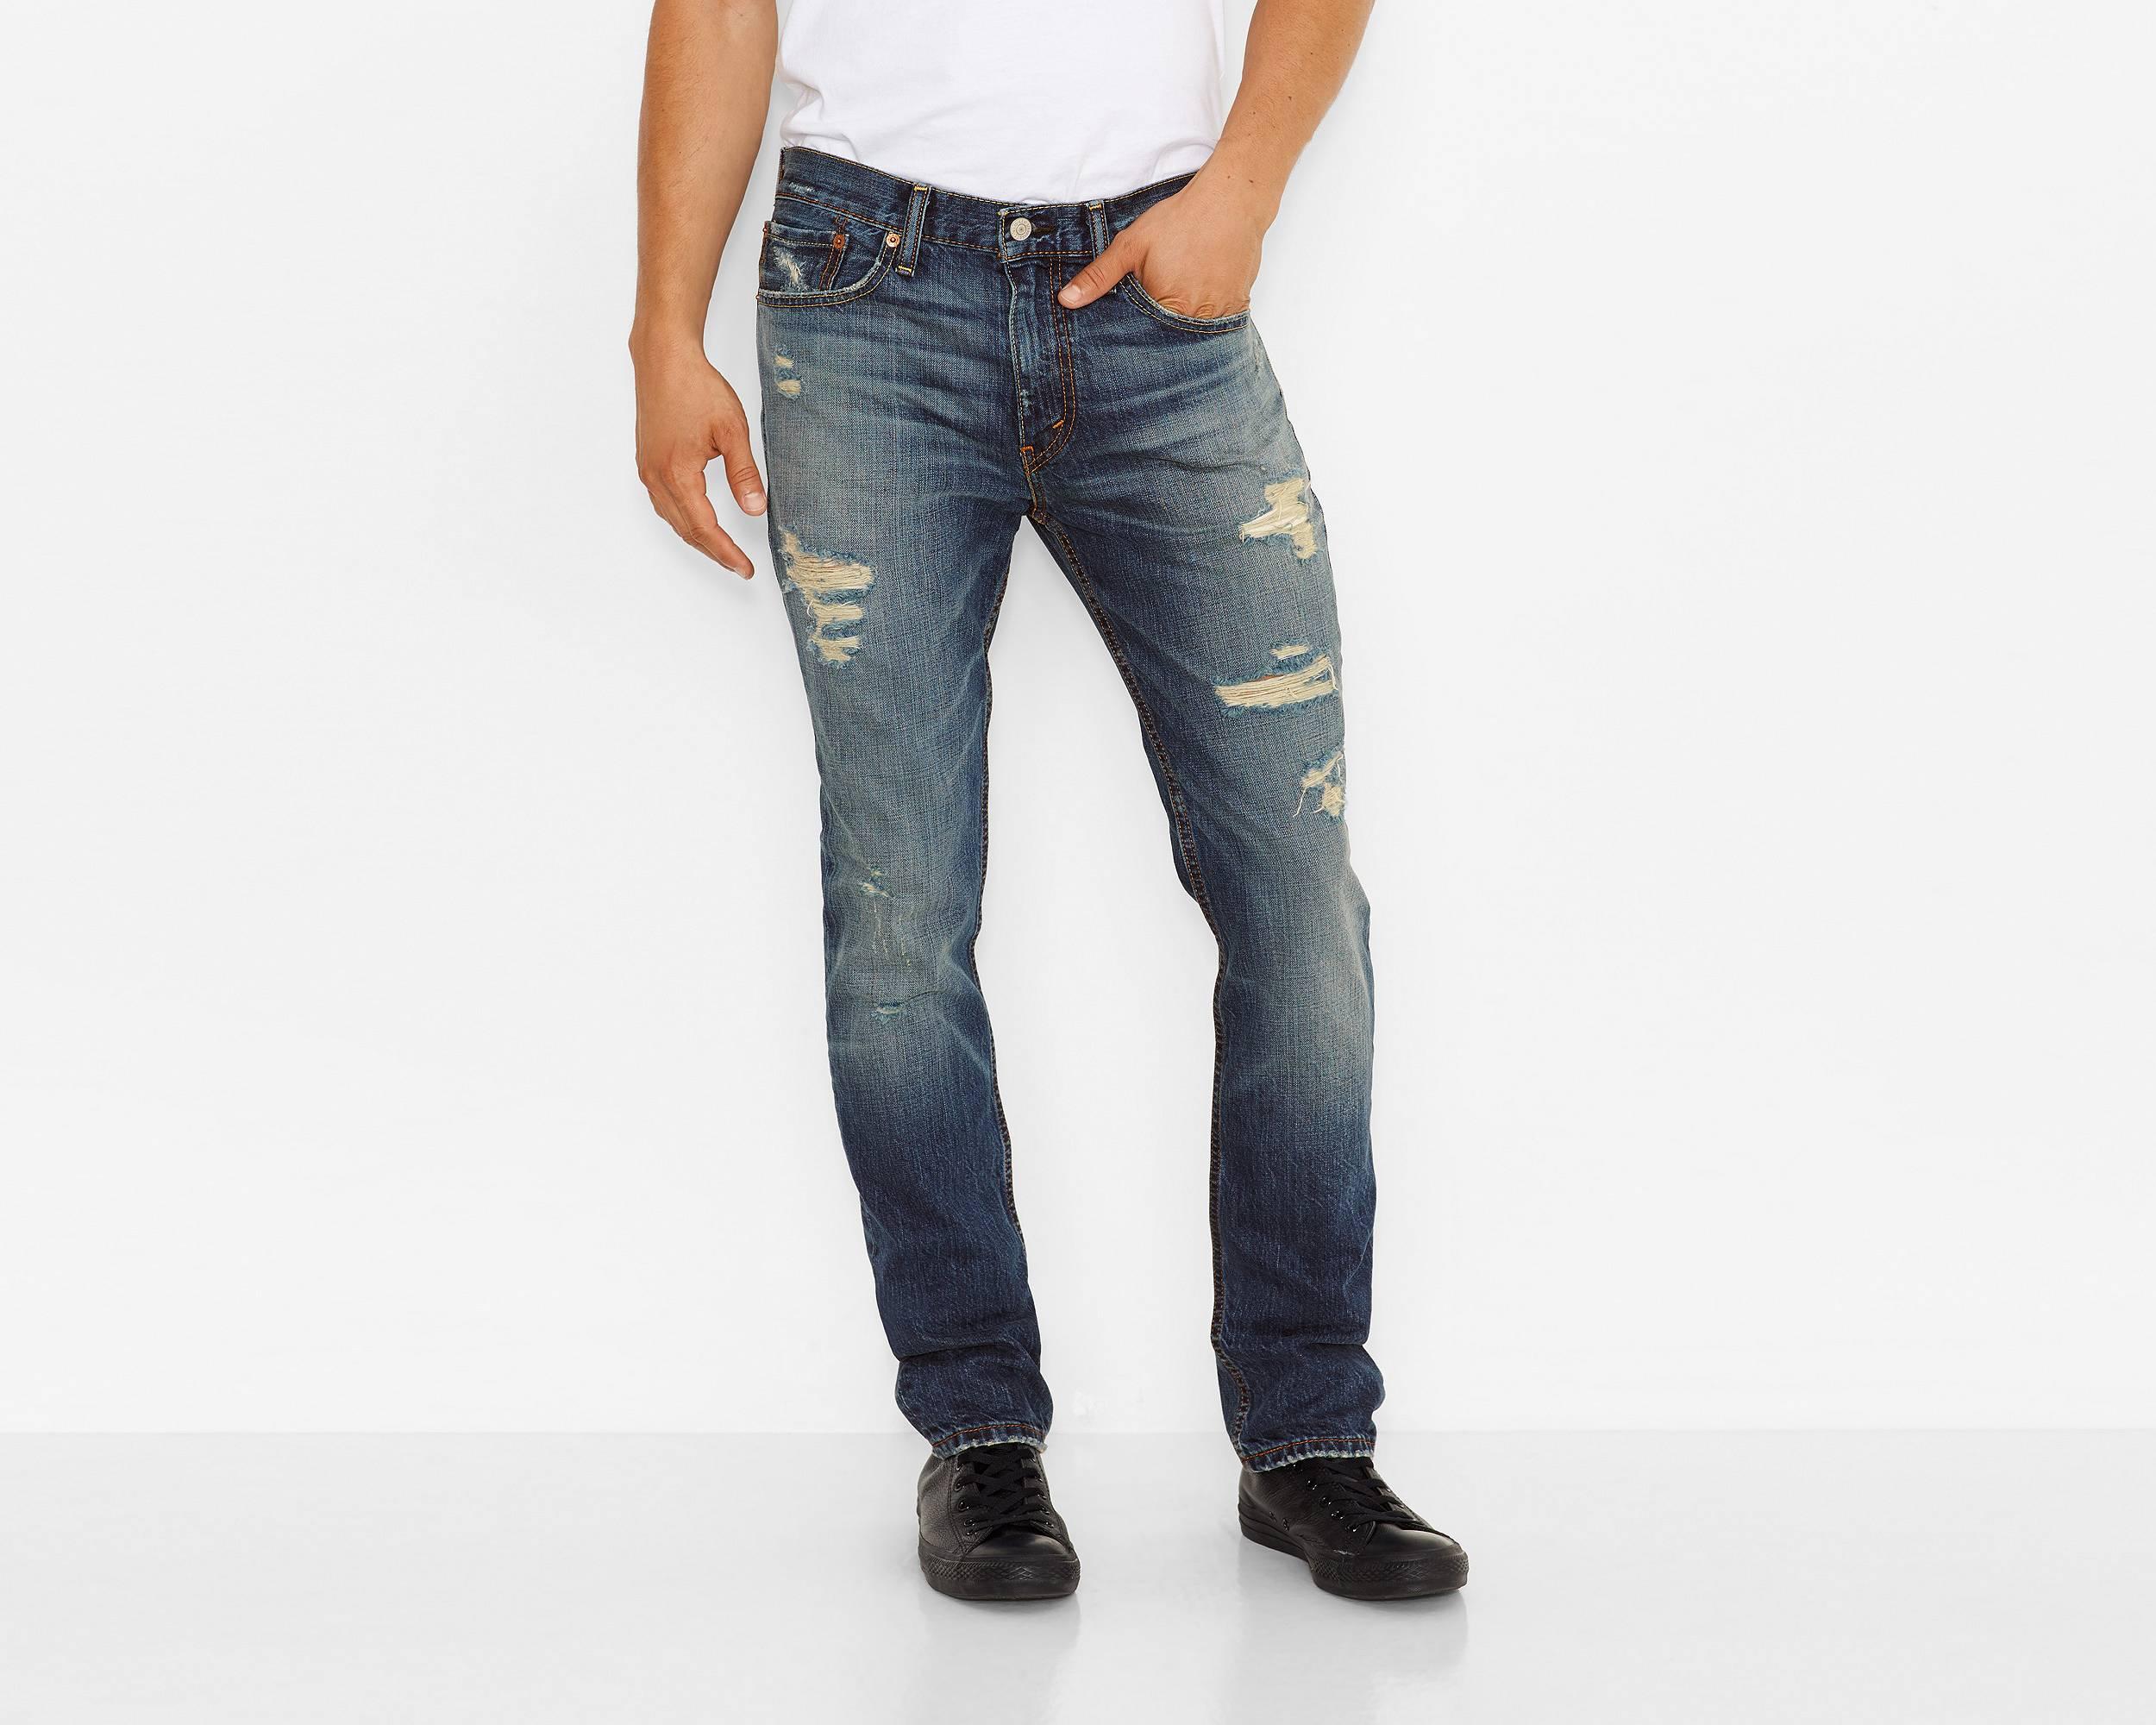 джинсовая сиьфония